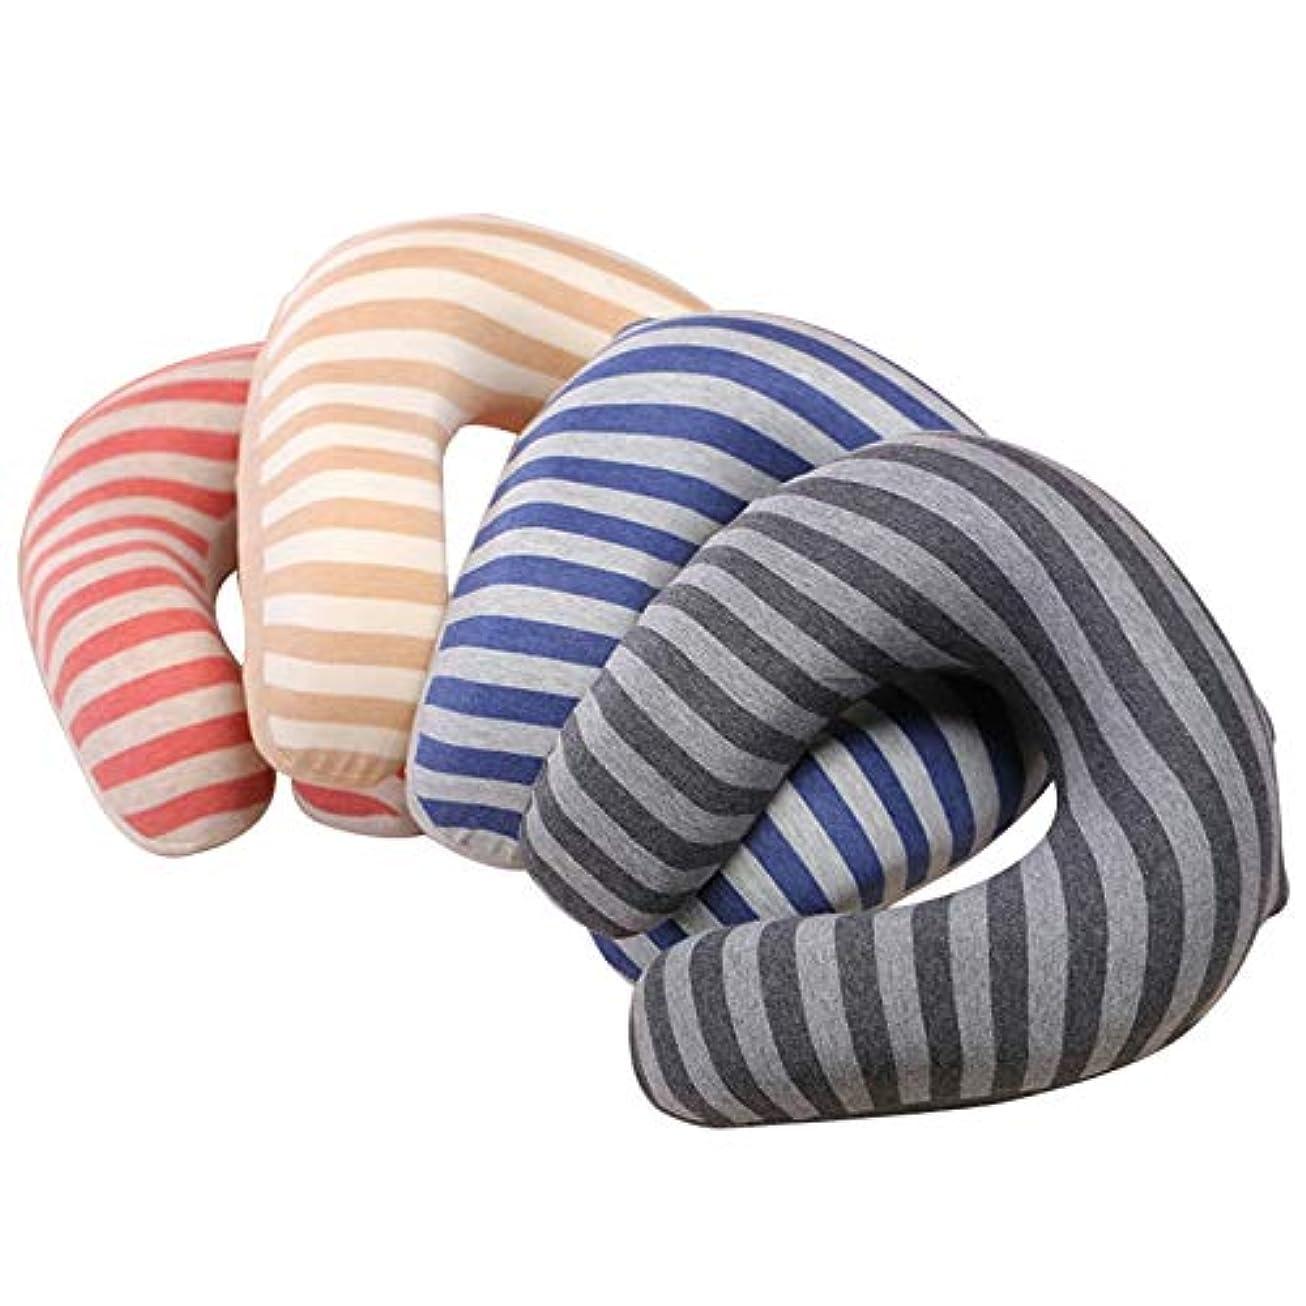 からに変化する知性頬SMART 高品質クッションシンプルなリネン創造素敵な枕家の装飾枕家の装飾 cojines decorativos パラ sofá クッション 椅子